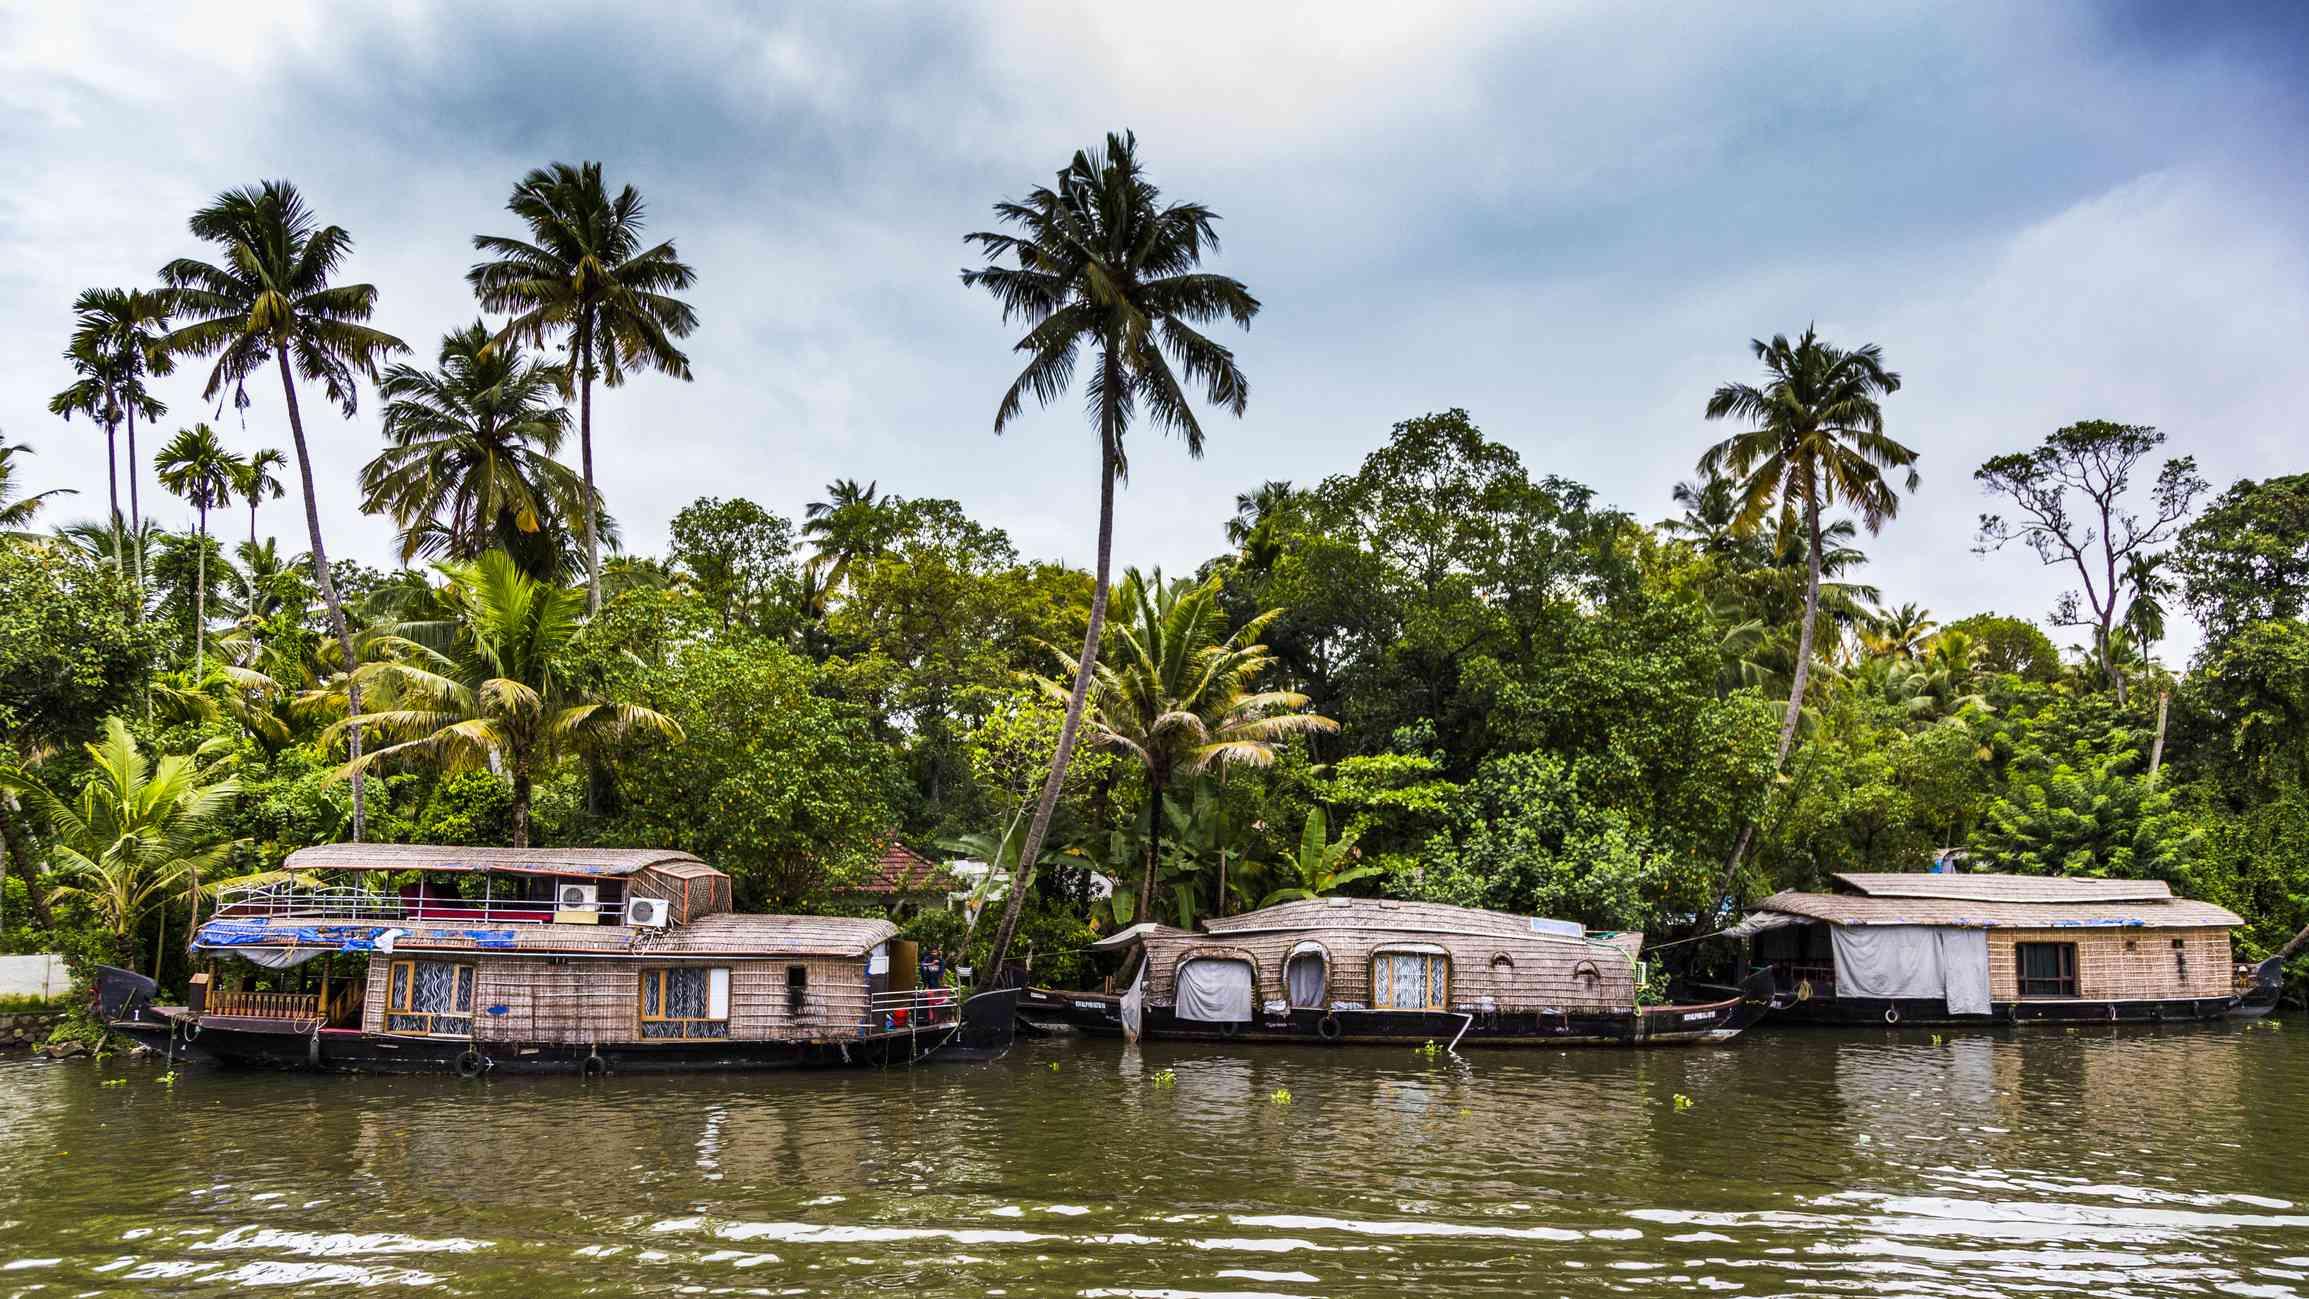 Houseboats on Backwaters of Alappuzha, Kerala, India